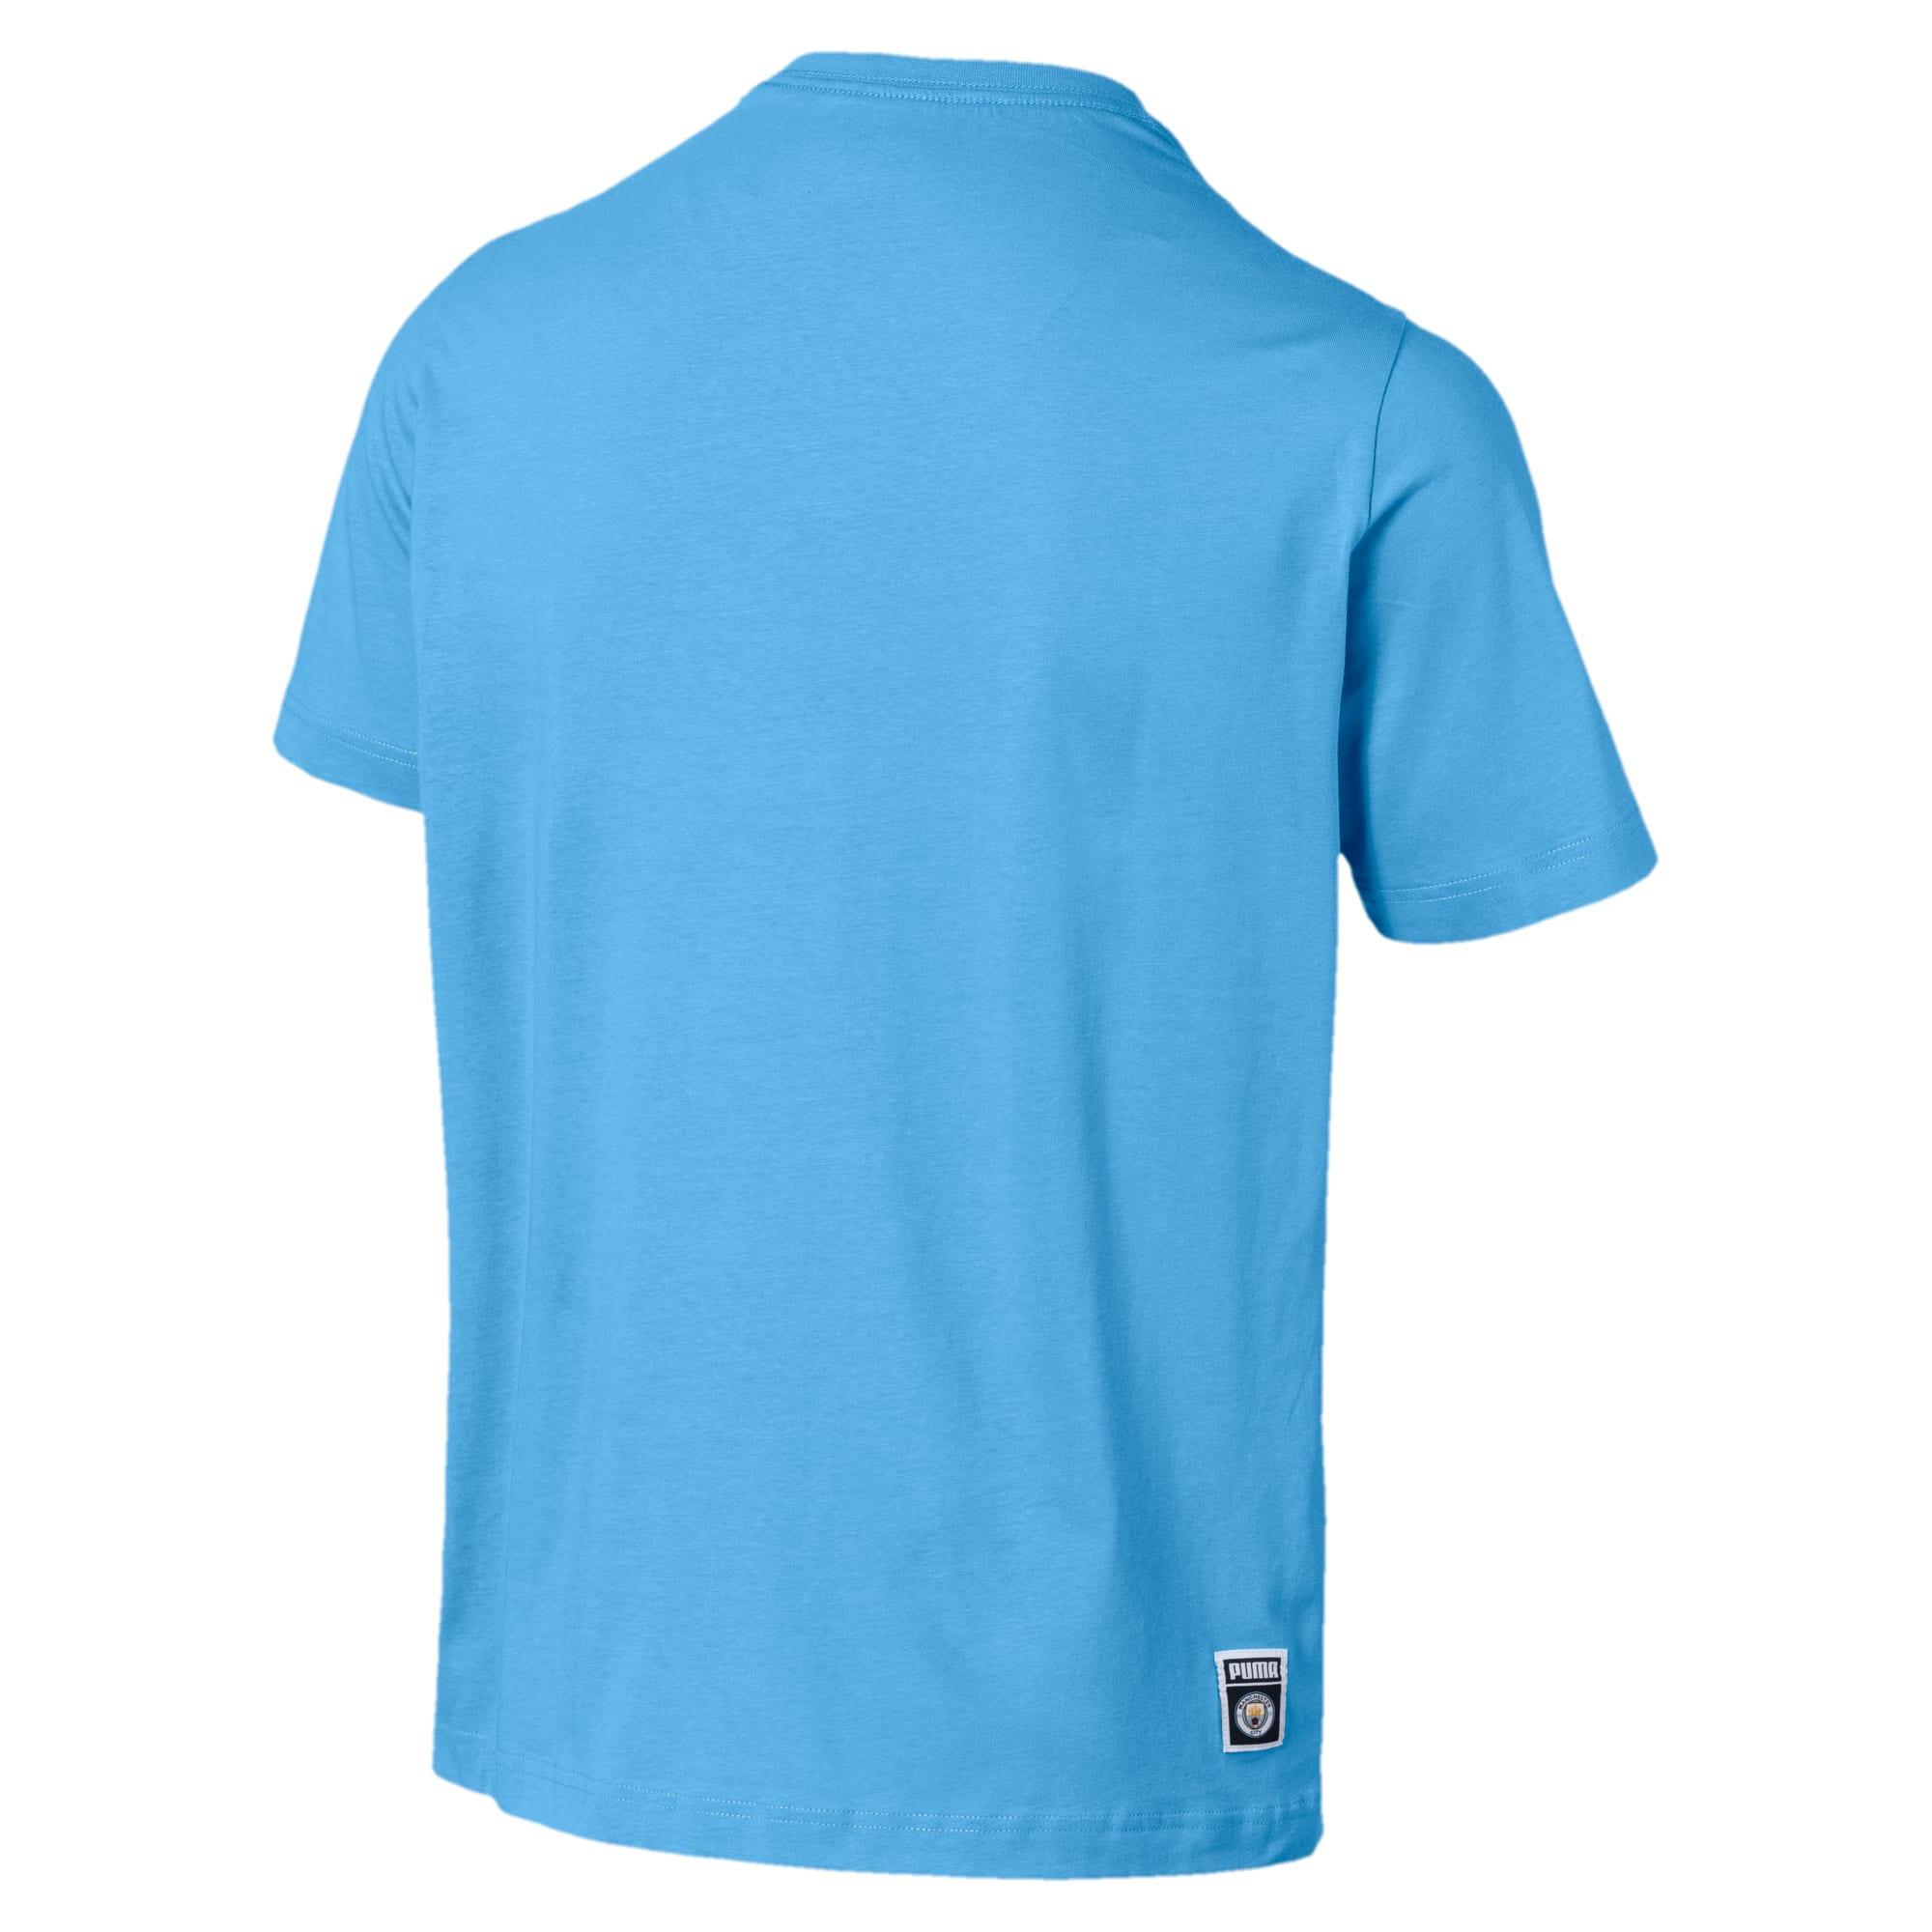 Miniatura 2 de Camiseta Manchester City FC estampada para hombre, Team Light Blue, mediano